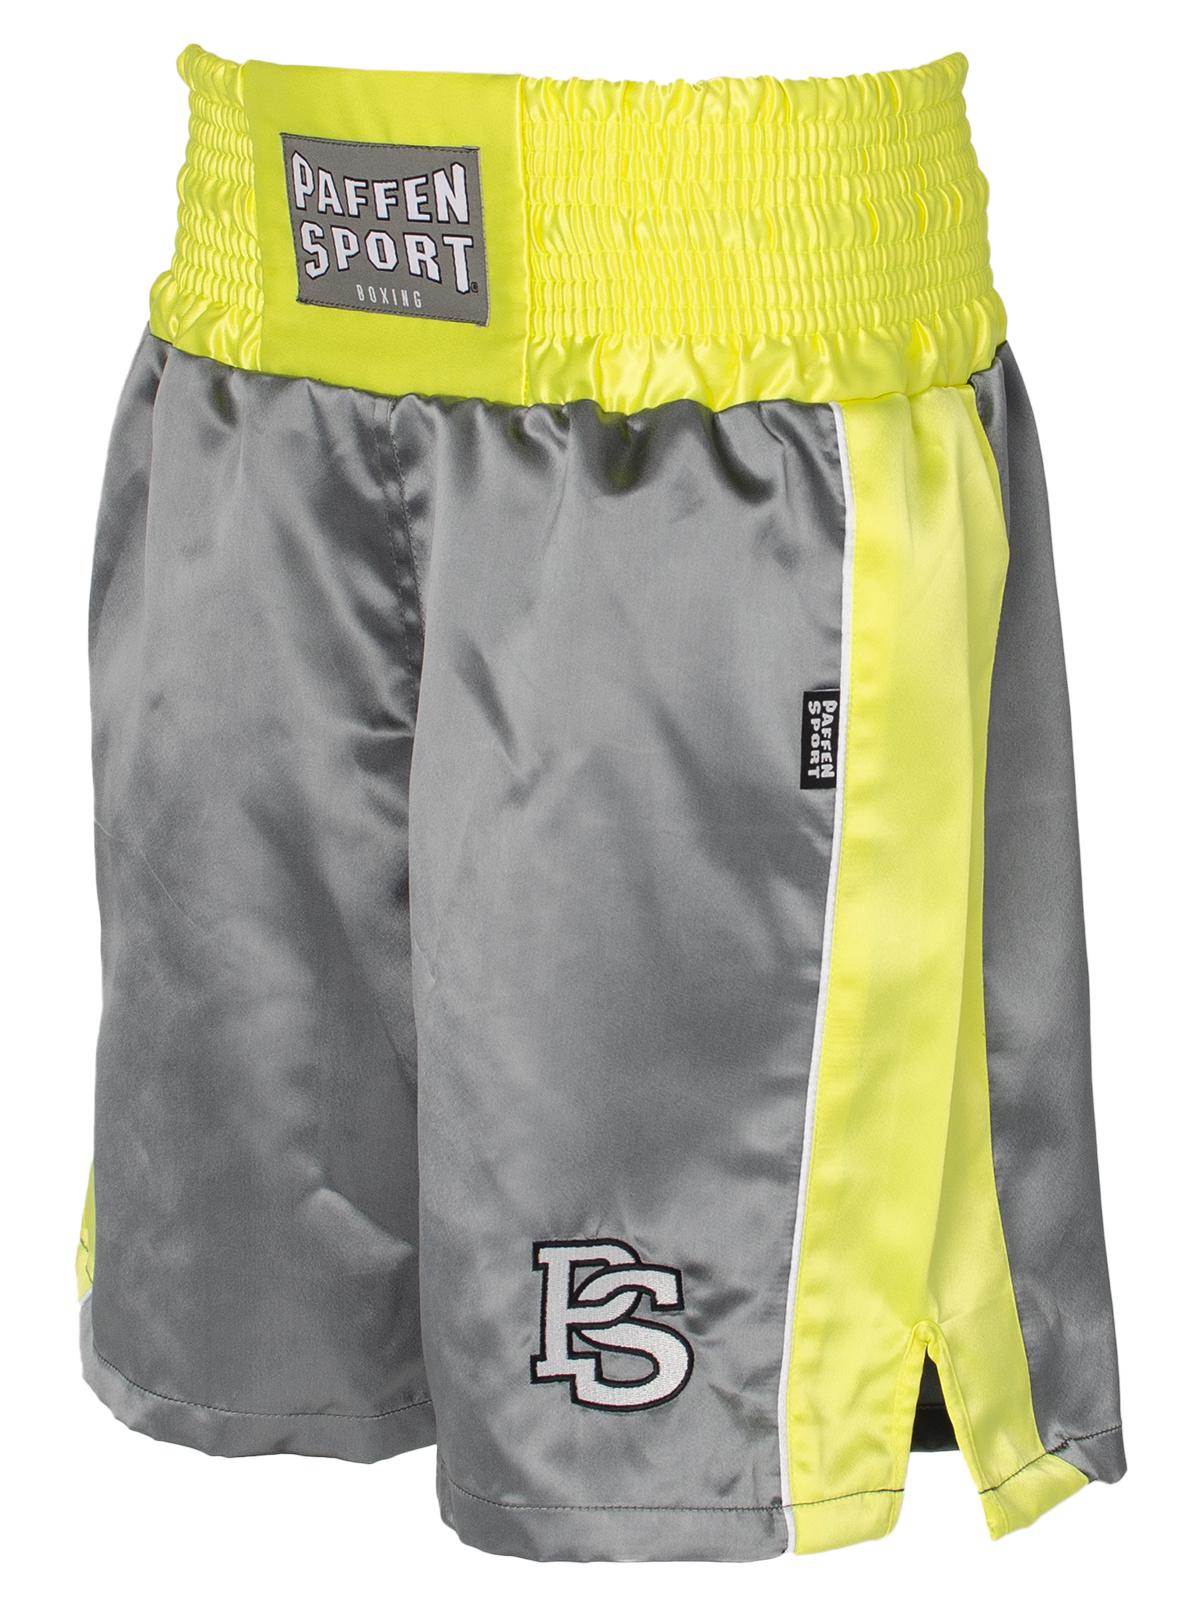 Детские шорты для бокса Paffen sport